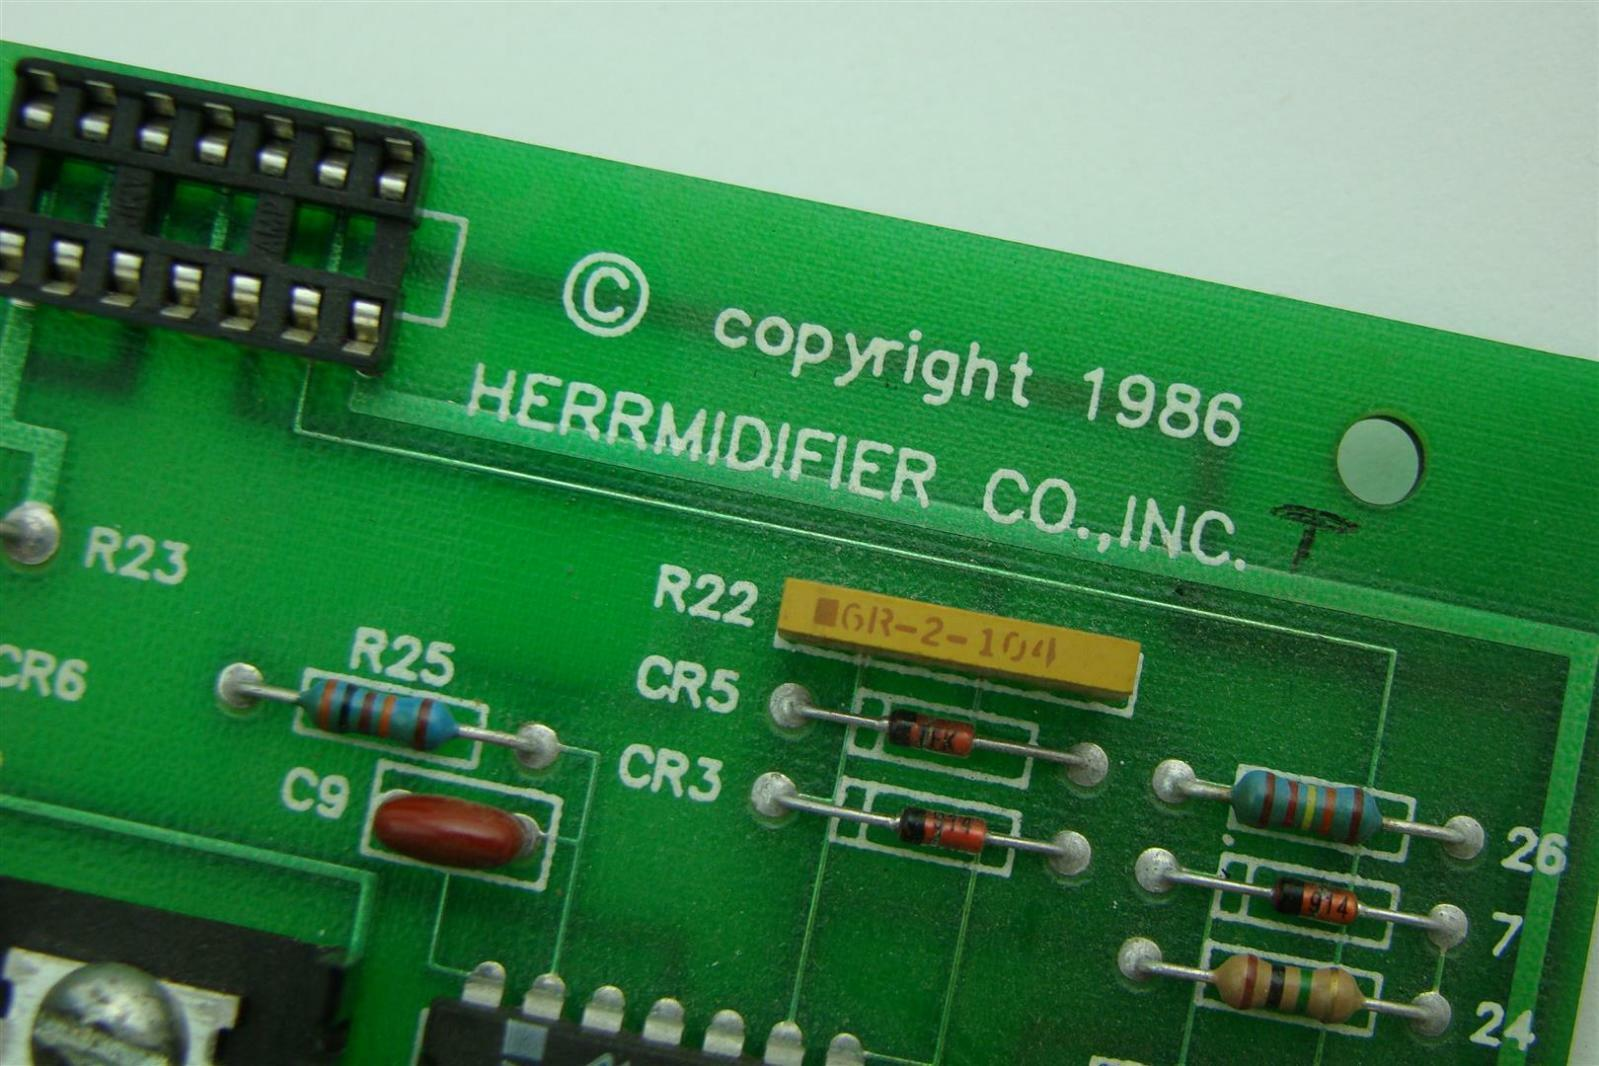 hermidifier control circuit board joseph fazzio incorporated rh autonomia co